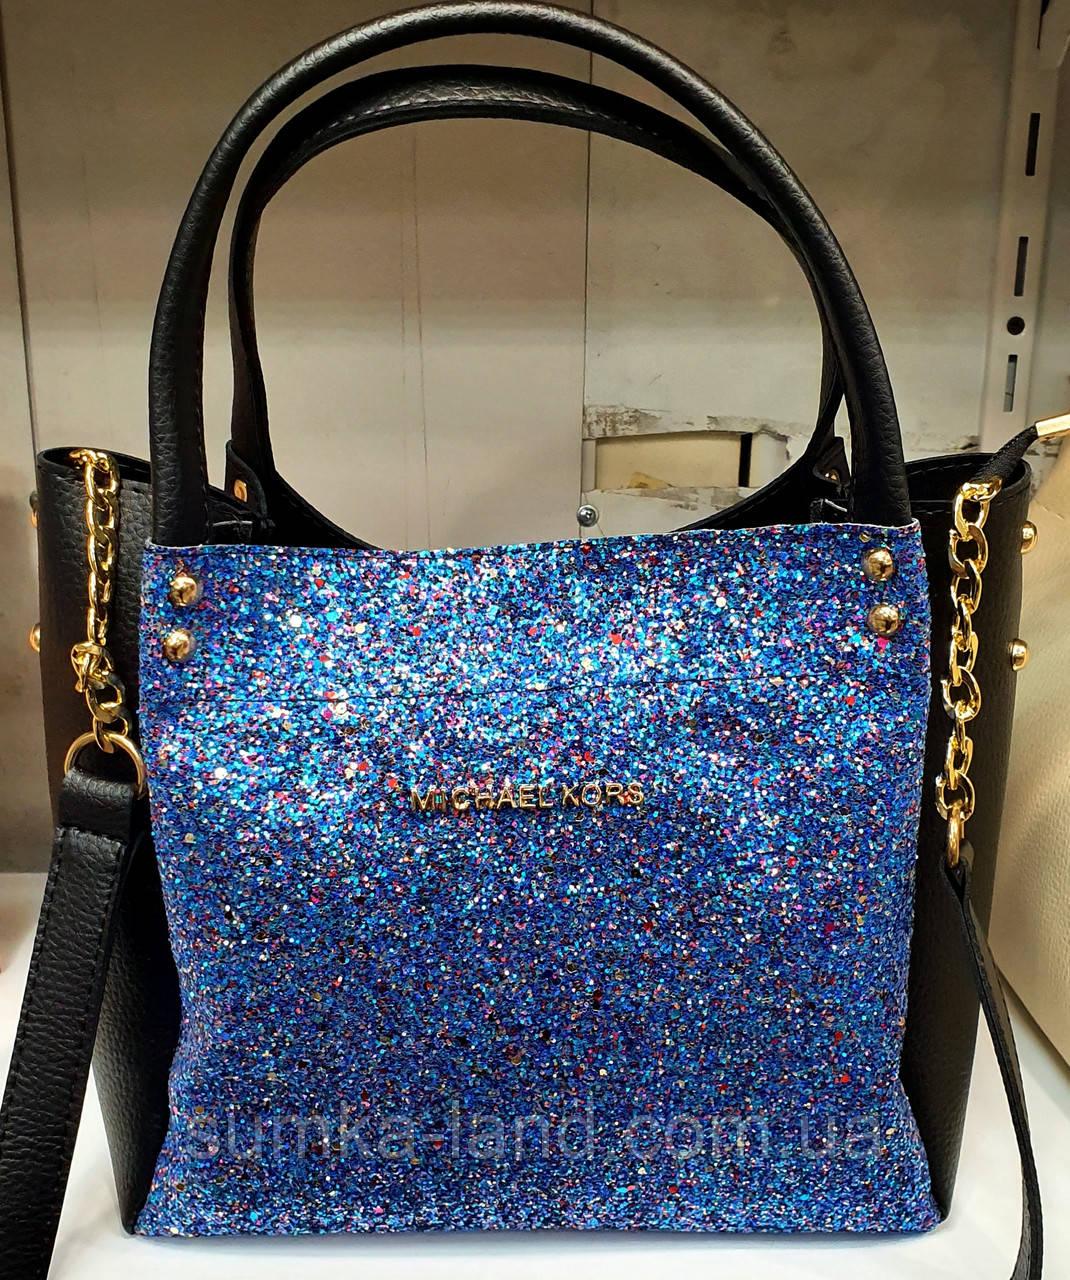 Женская черная сумка Michael Kors с синими блестками и ремешком на цепочке 26*25 см